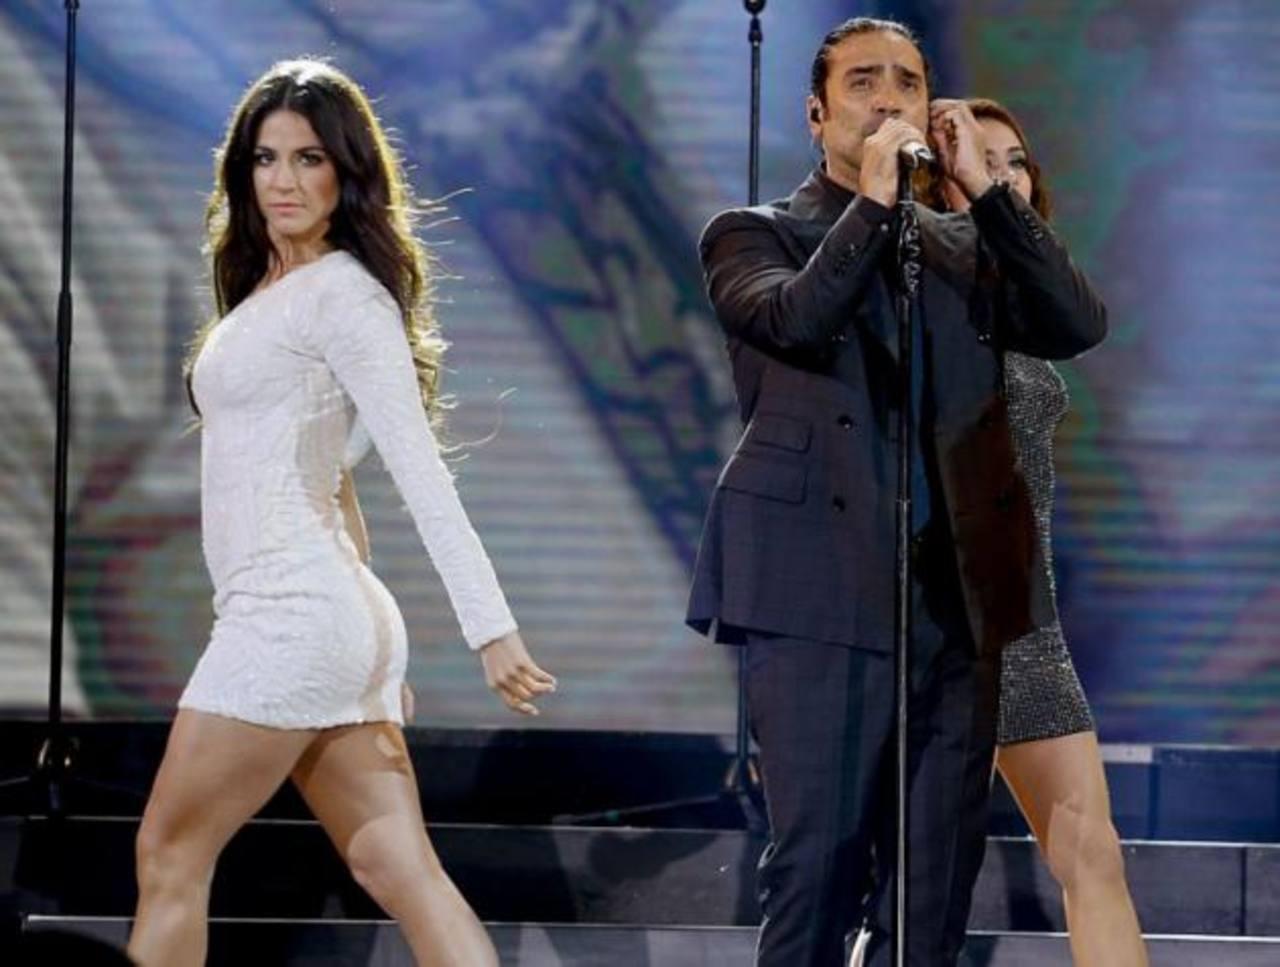 Bella corista se roba la atención en presentación de Alejandro Fernández